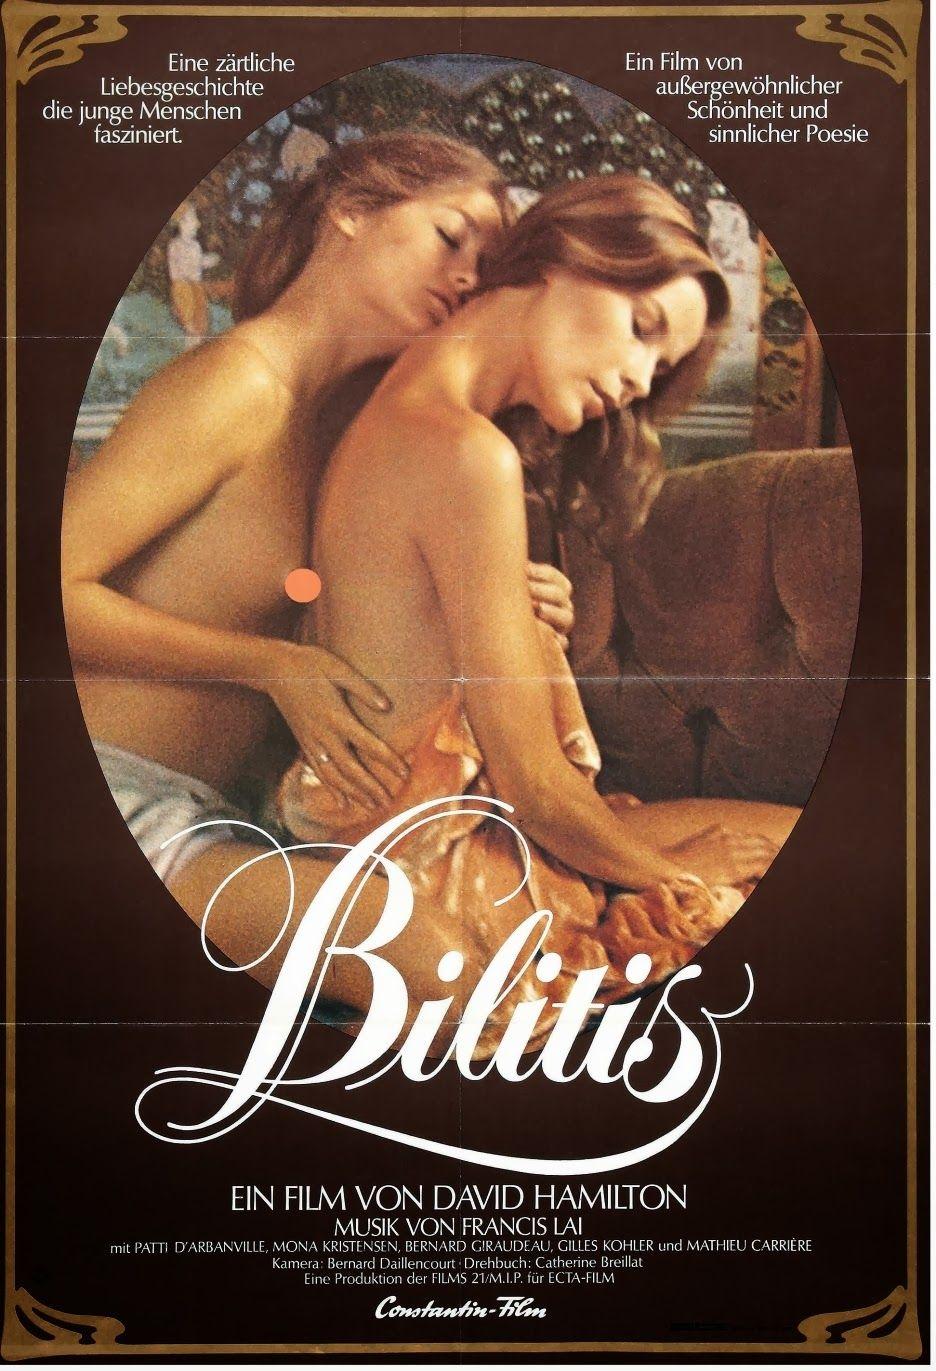 Bilitis Film